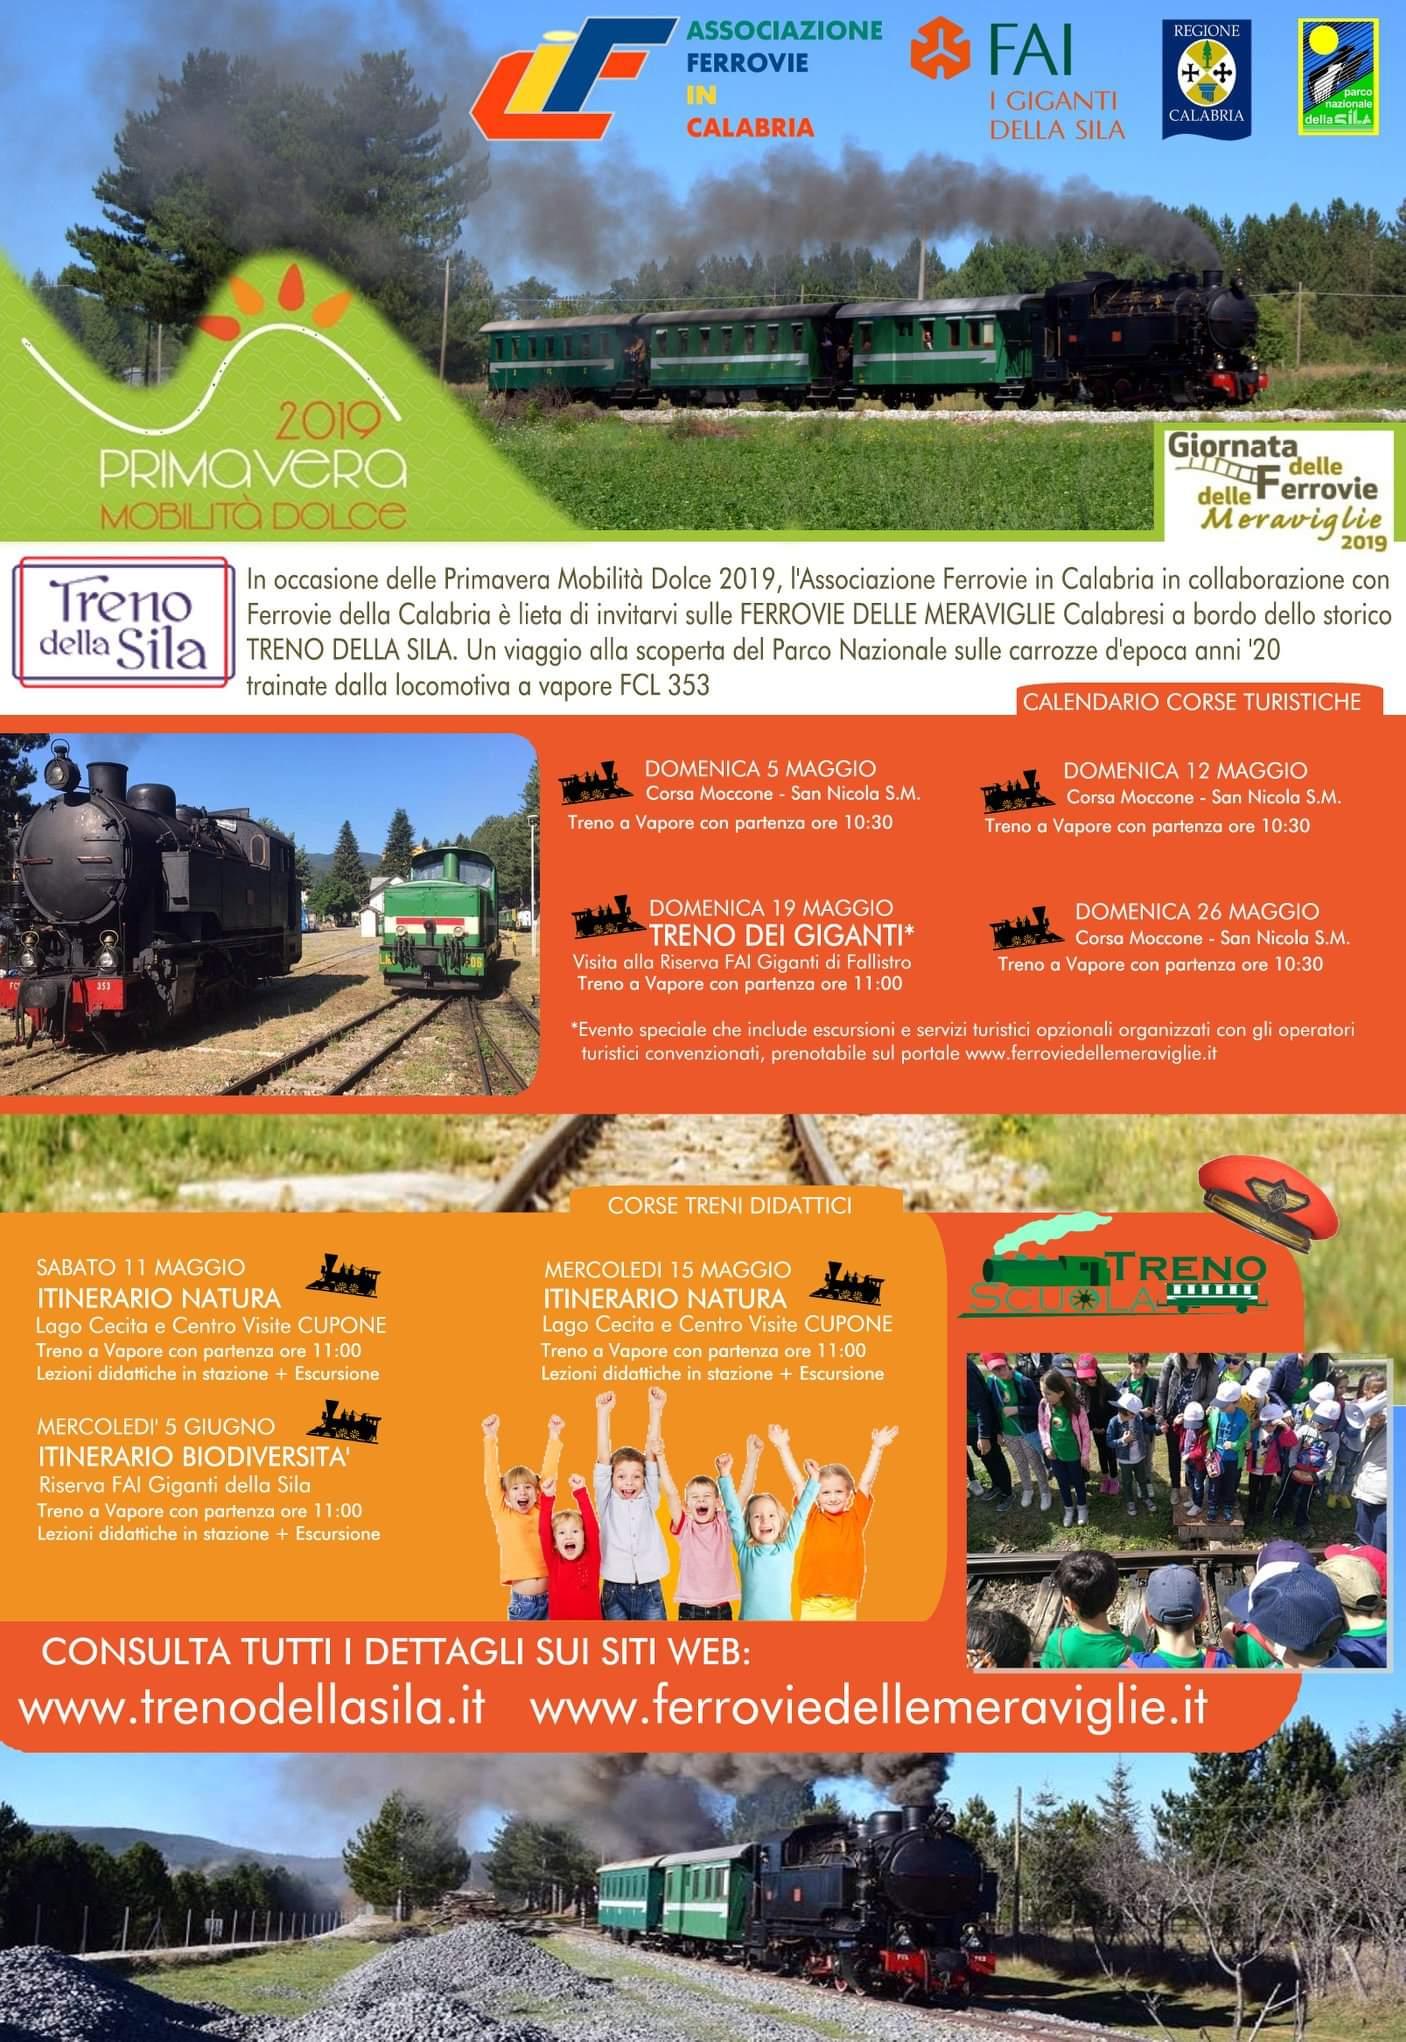 La Giornata delle Ferrovie delle Meraviglie in Calabria